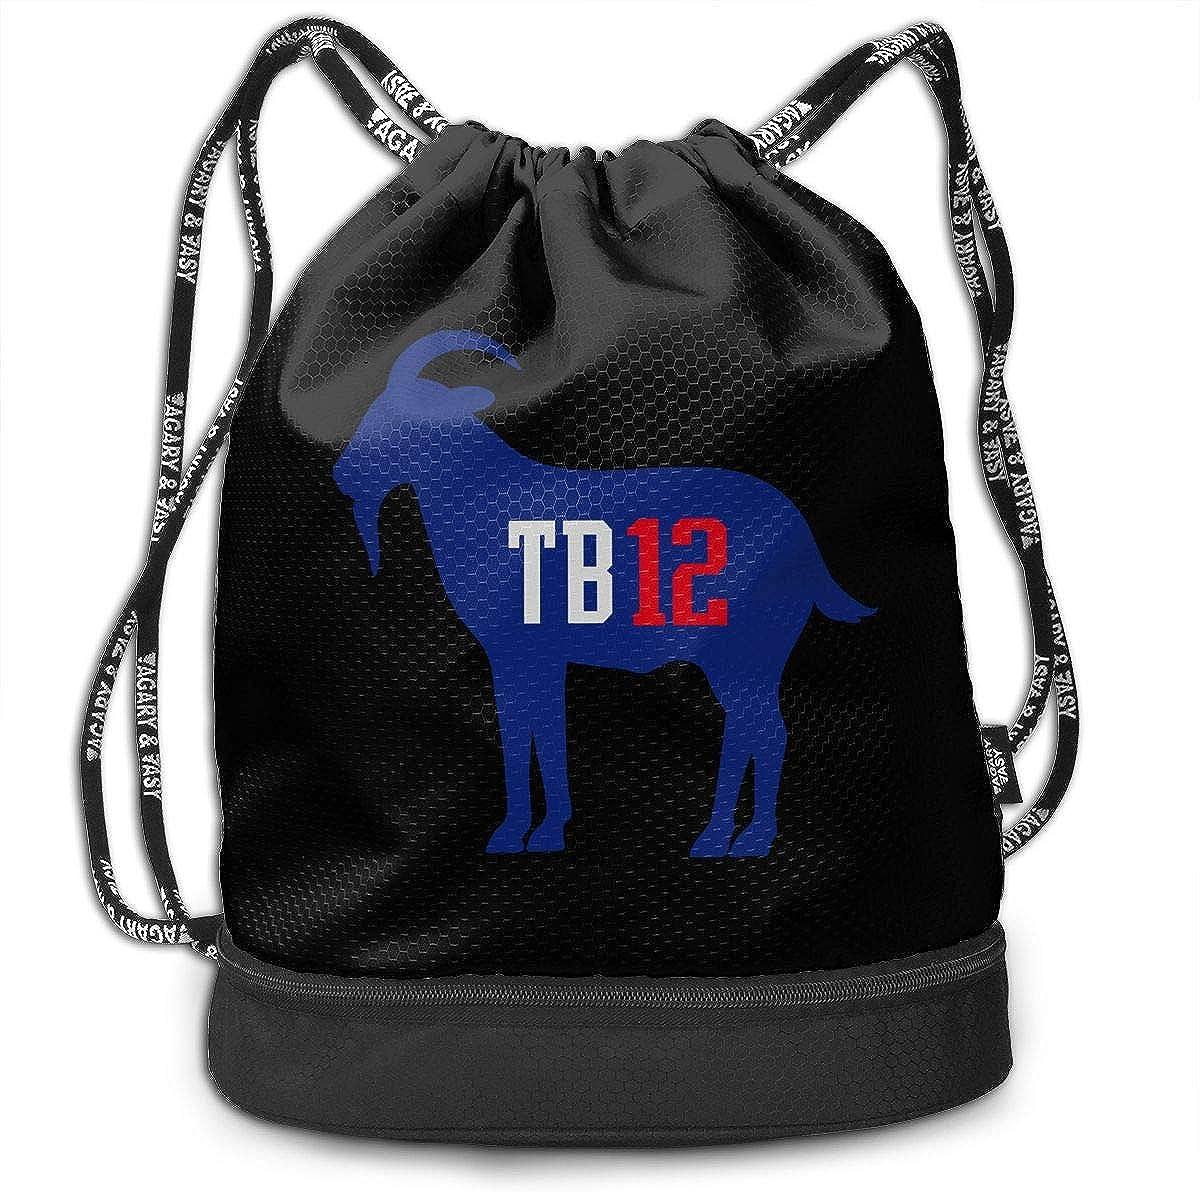 Drawstring Bag England Brady TB12 Goat Gym Bag Sport Backpack Shoulder Bags Travel College Rucksack